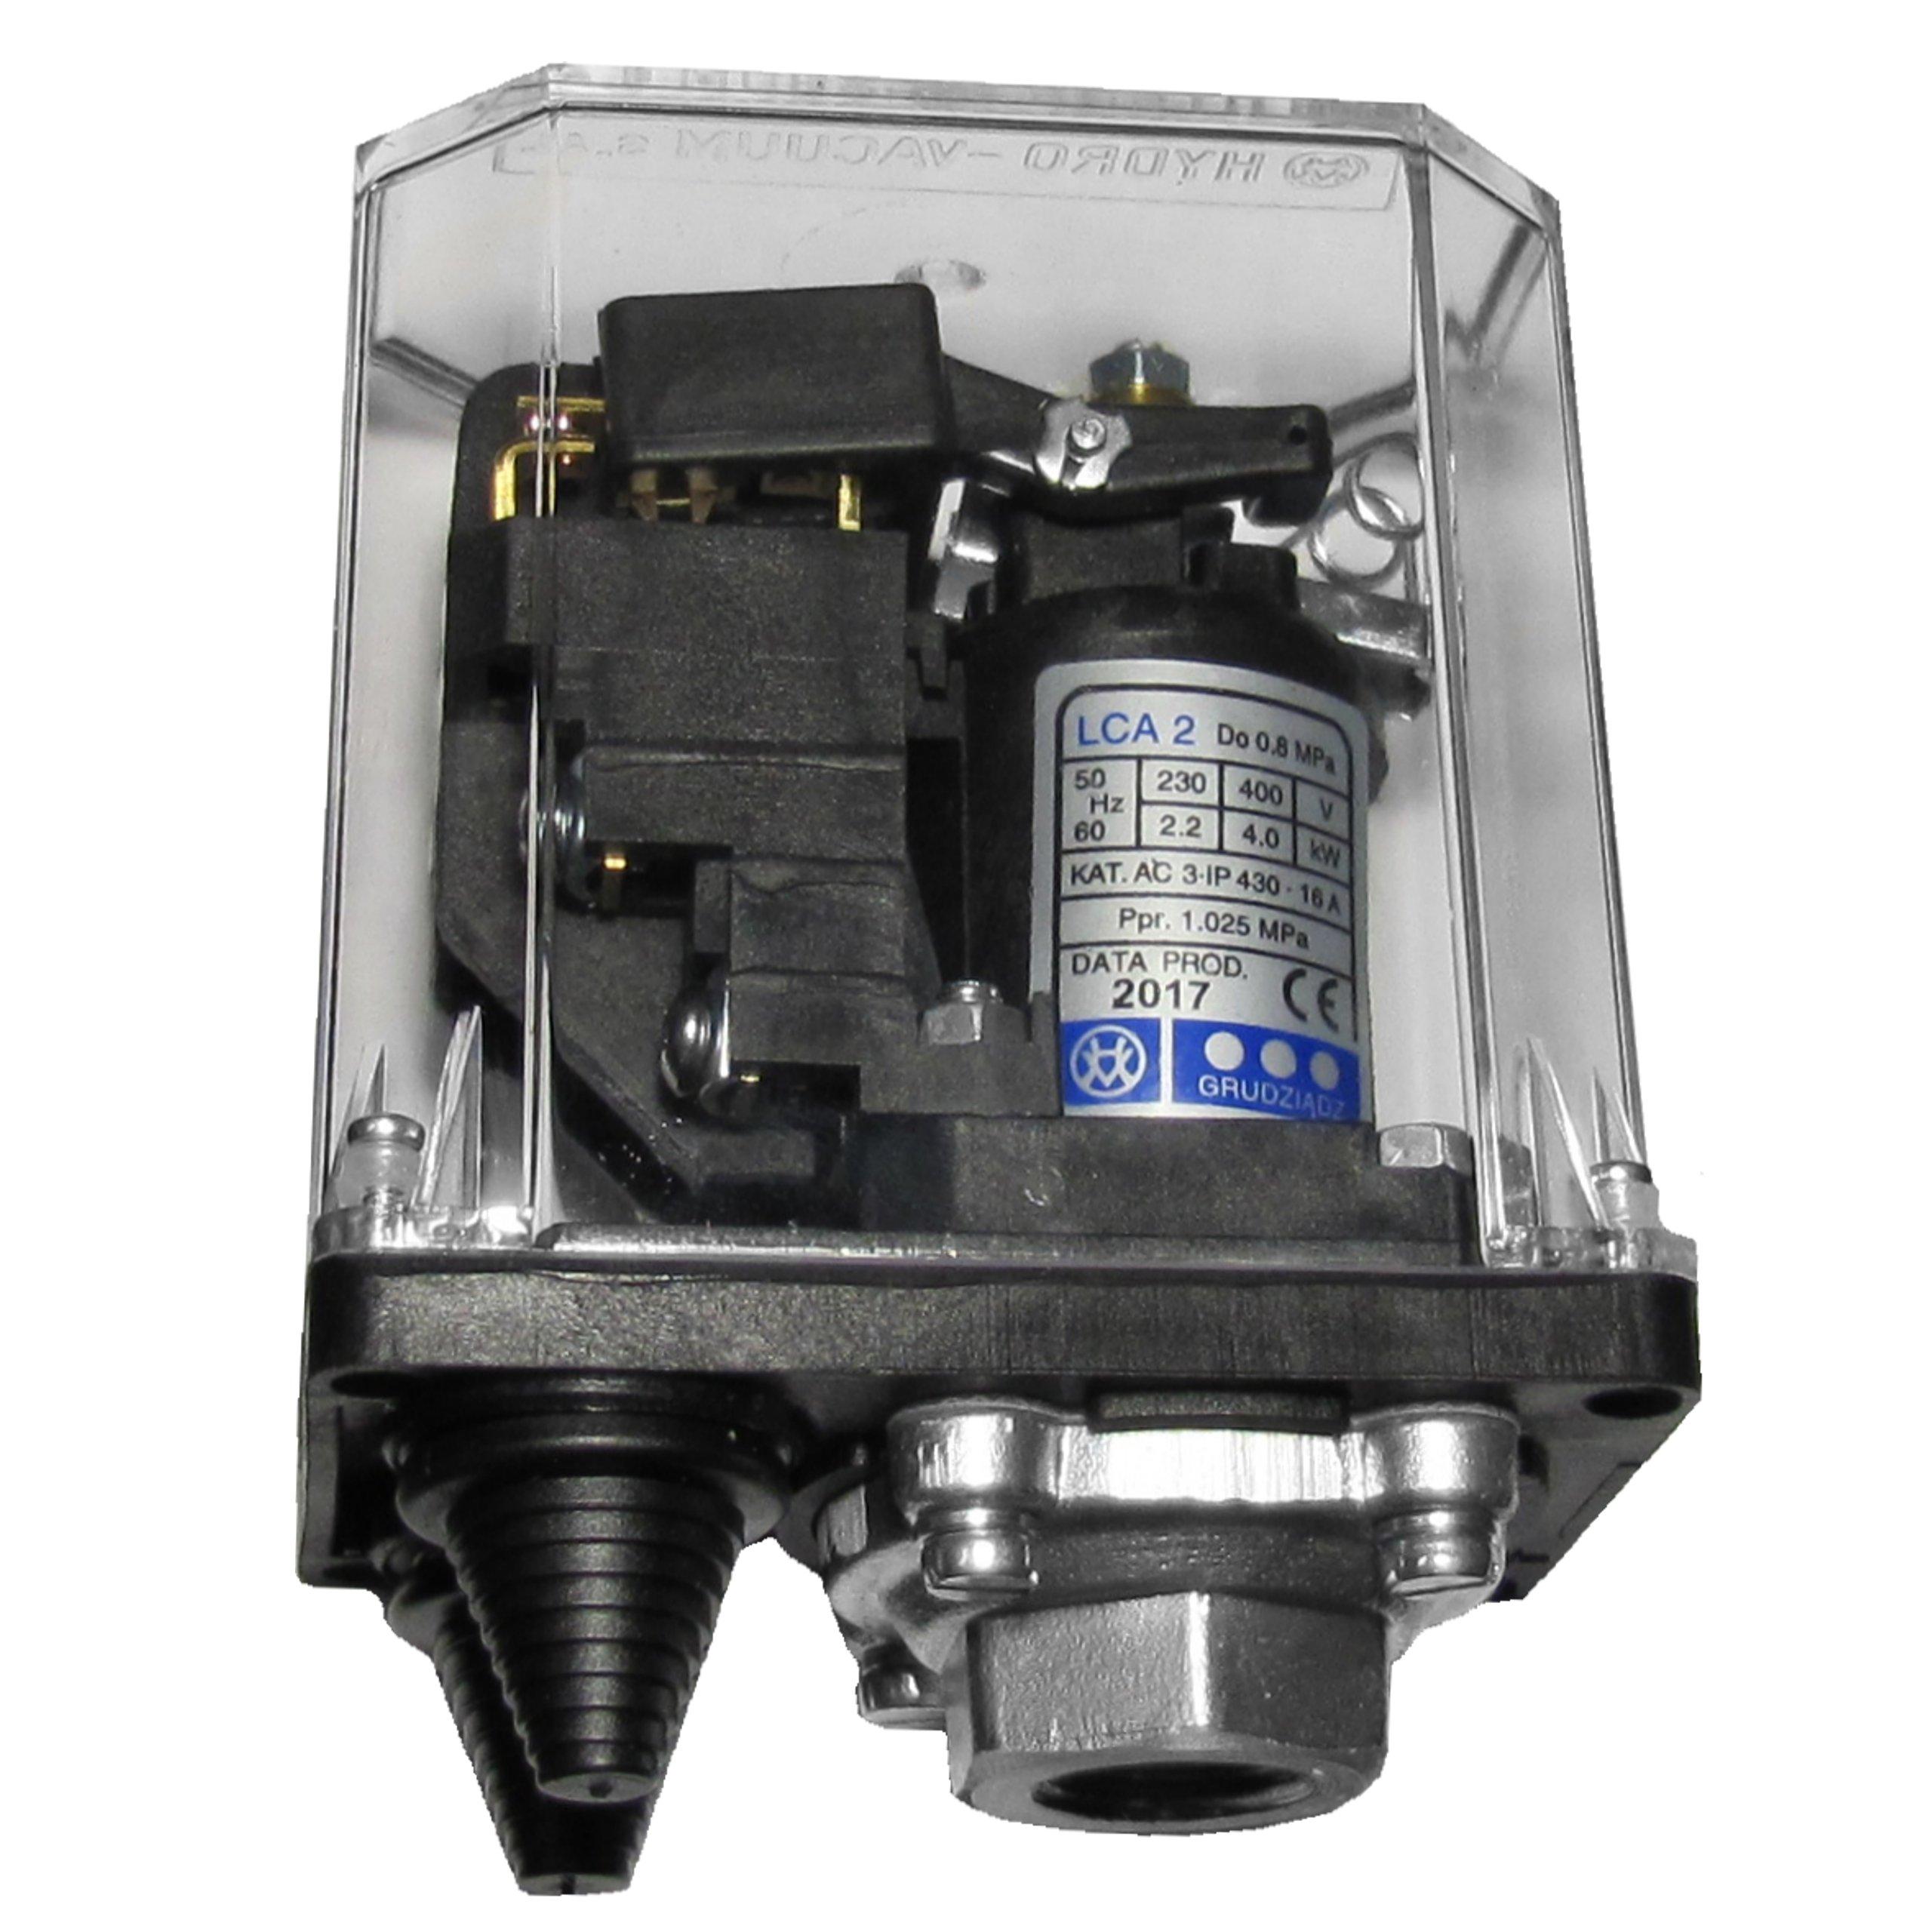 Mocny wyłącznik ciśnieniowy LCA 2 do 8bar H V S1